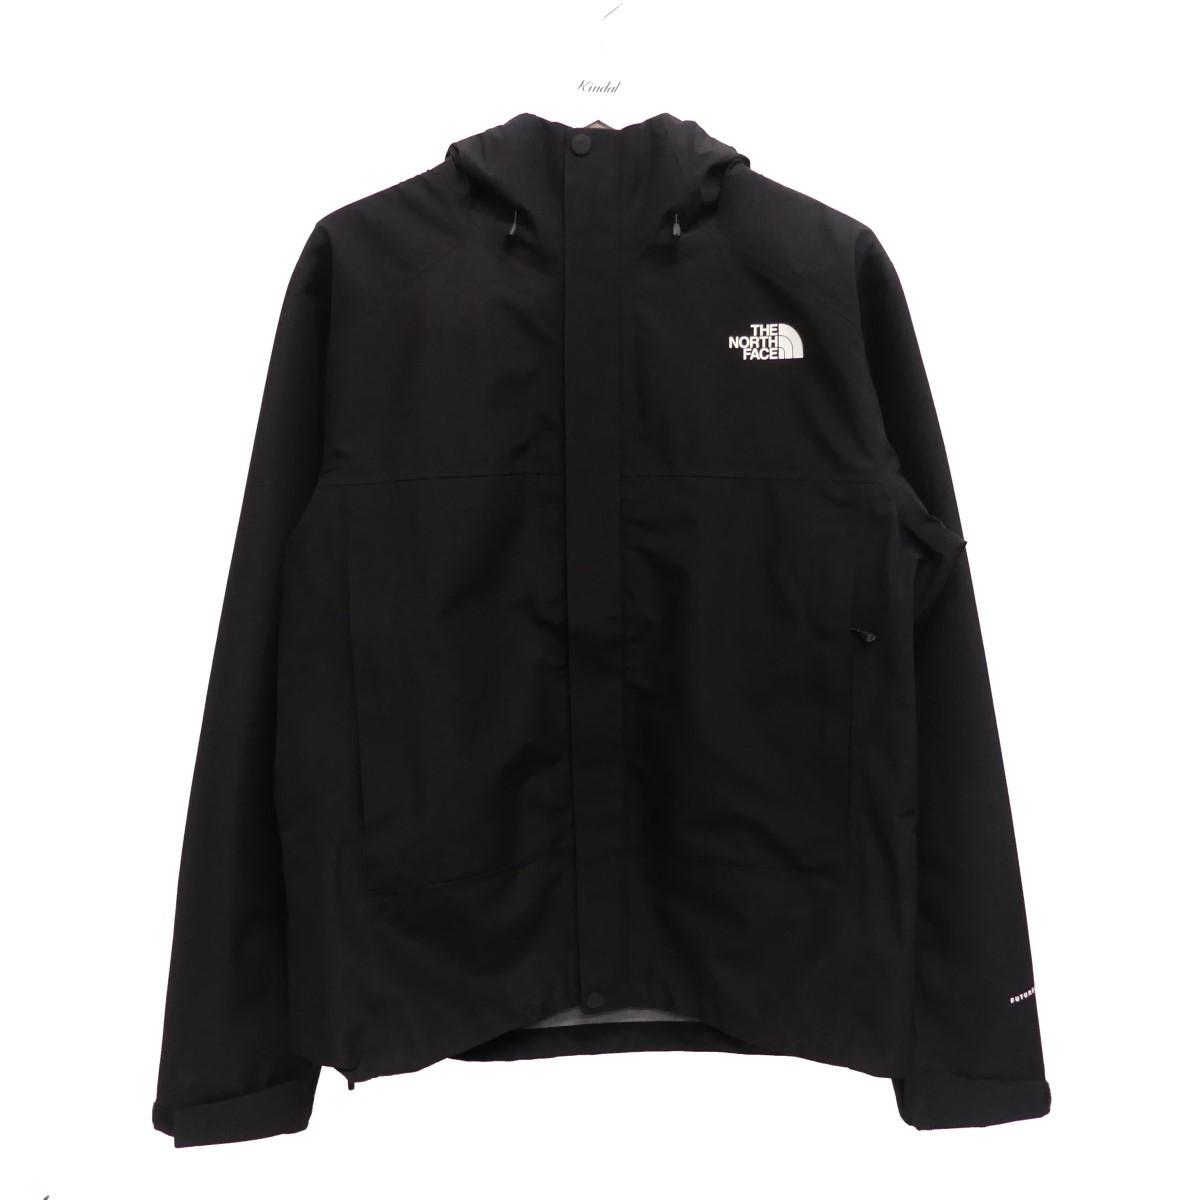 【中古】THE NORTH FACE FL Drizzle Jacket FLドリズルジャケット ブラック サイズ:L 【220820】(ザノースフェイス)